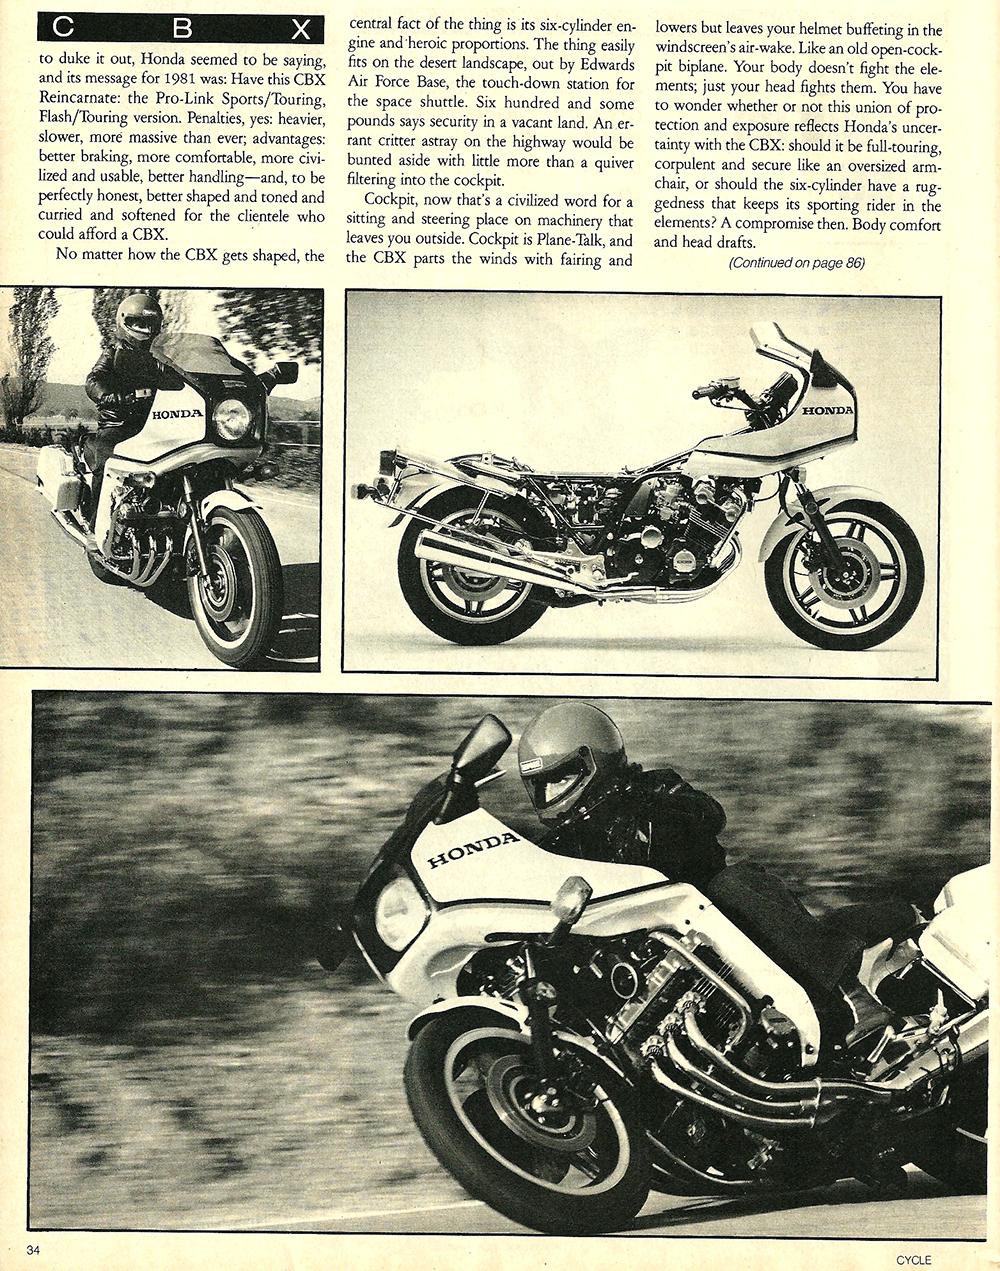 1982 Honda CBX vs CX 500 Turbo road test 04.jpg